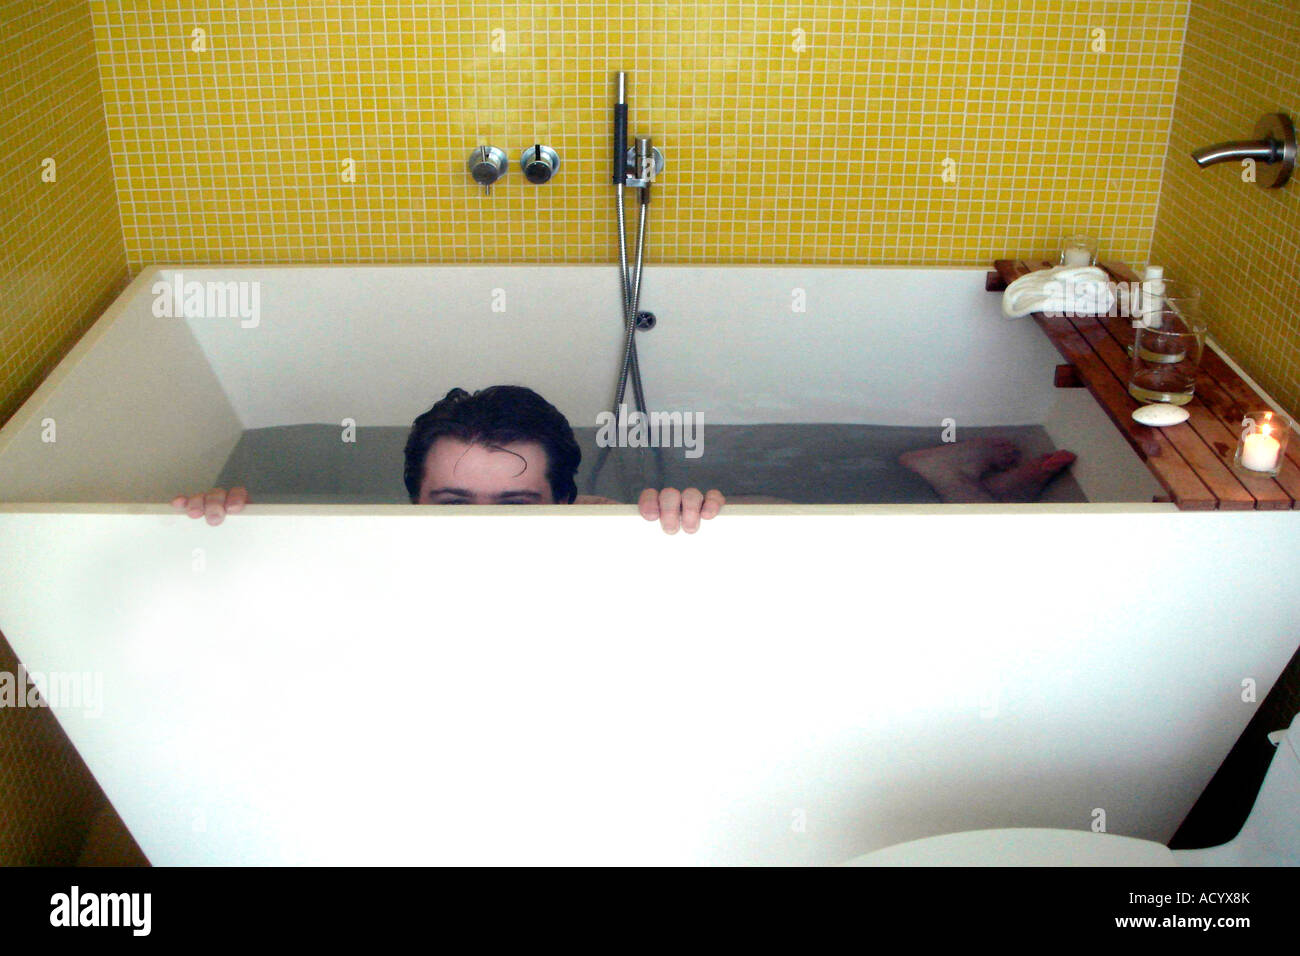 Japanische Badewanne mann in eine japanische badewanne stockfoto bild 13258434 alamy